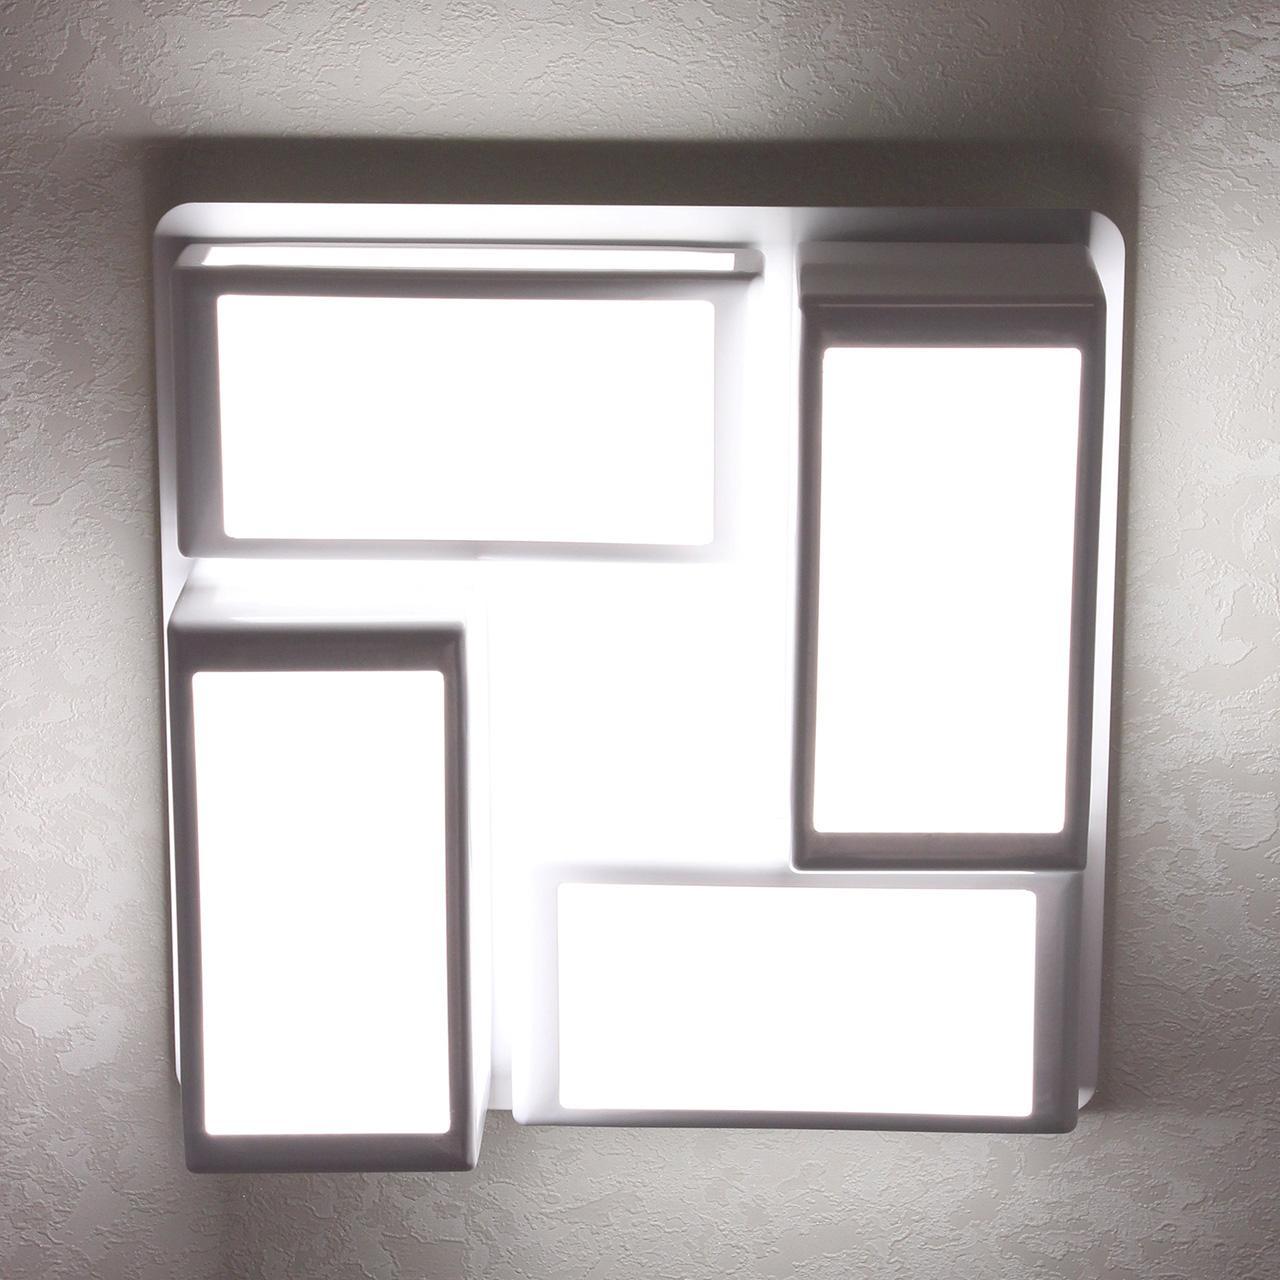 Потолочный светодиодный светильник Citilux Синто CL711060 потолочный светодиодный светильник citilux синто cl711240